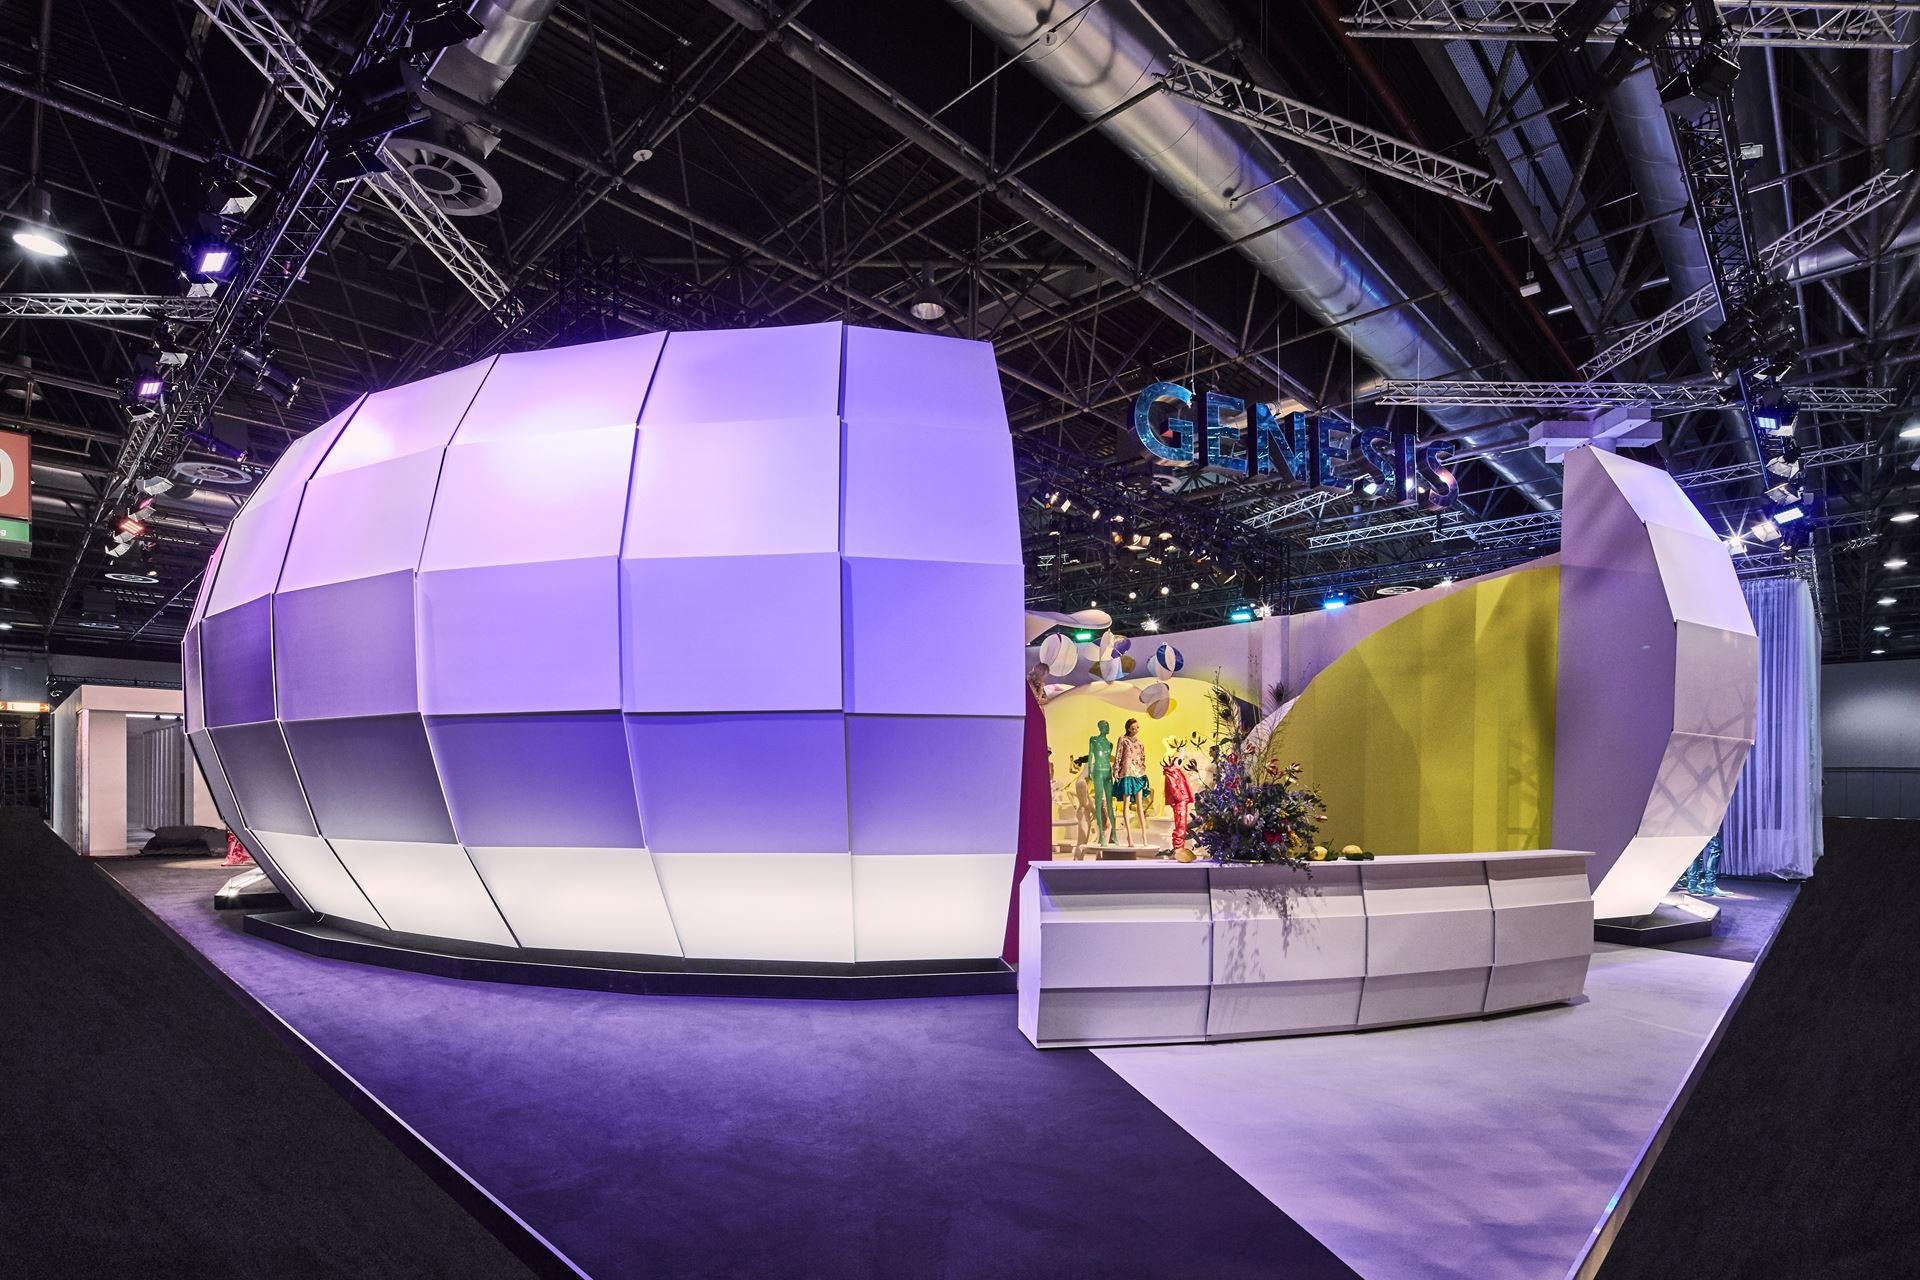 Genesis Display